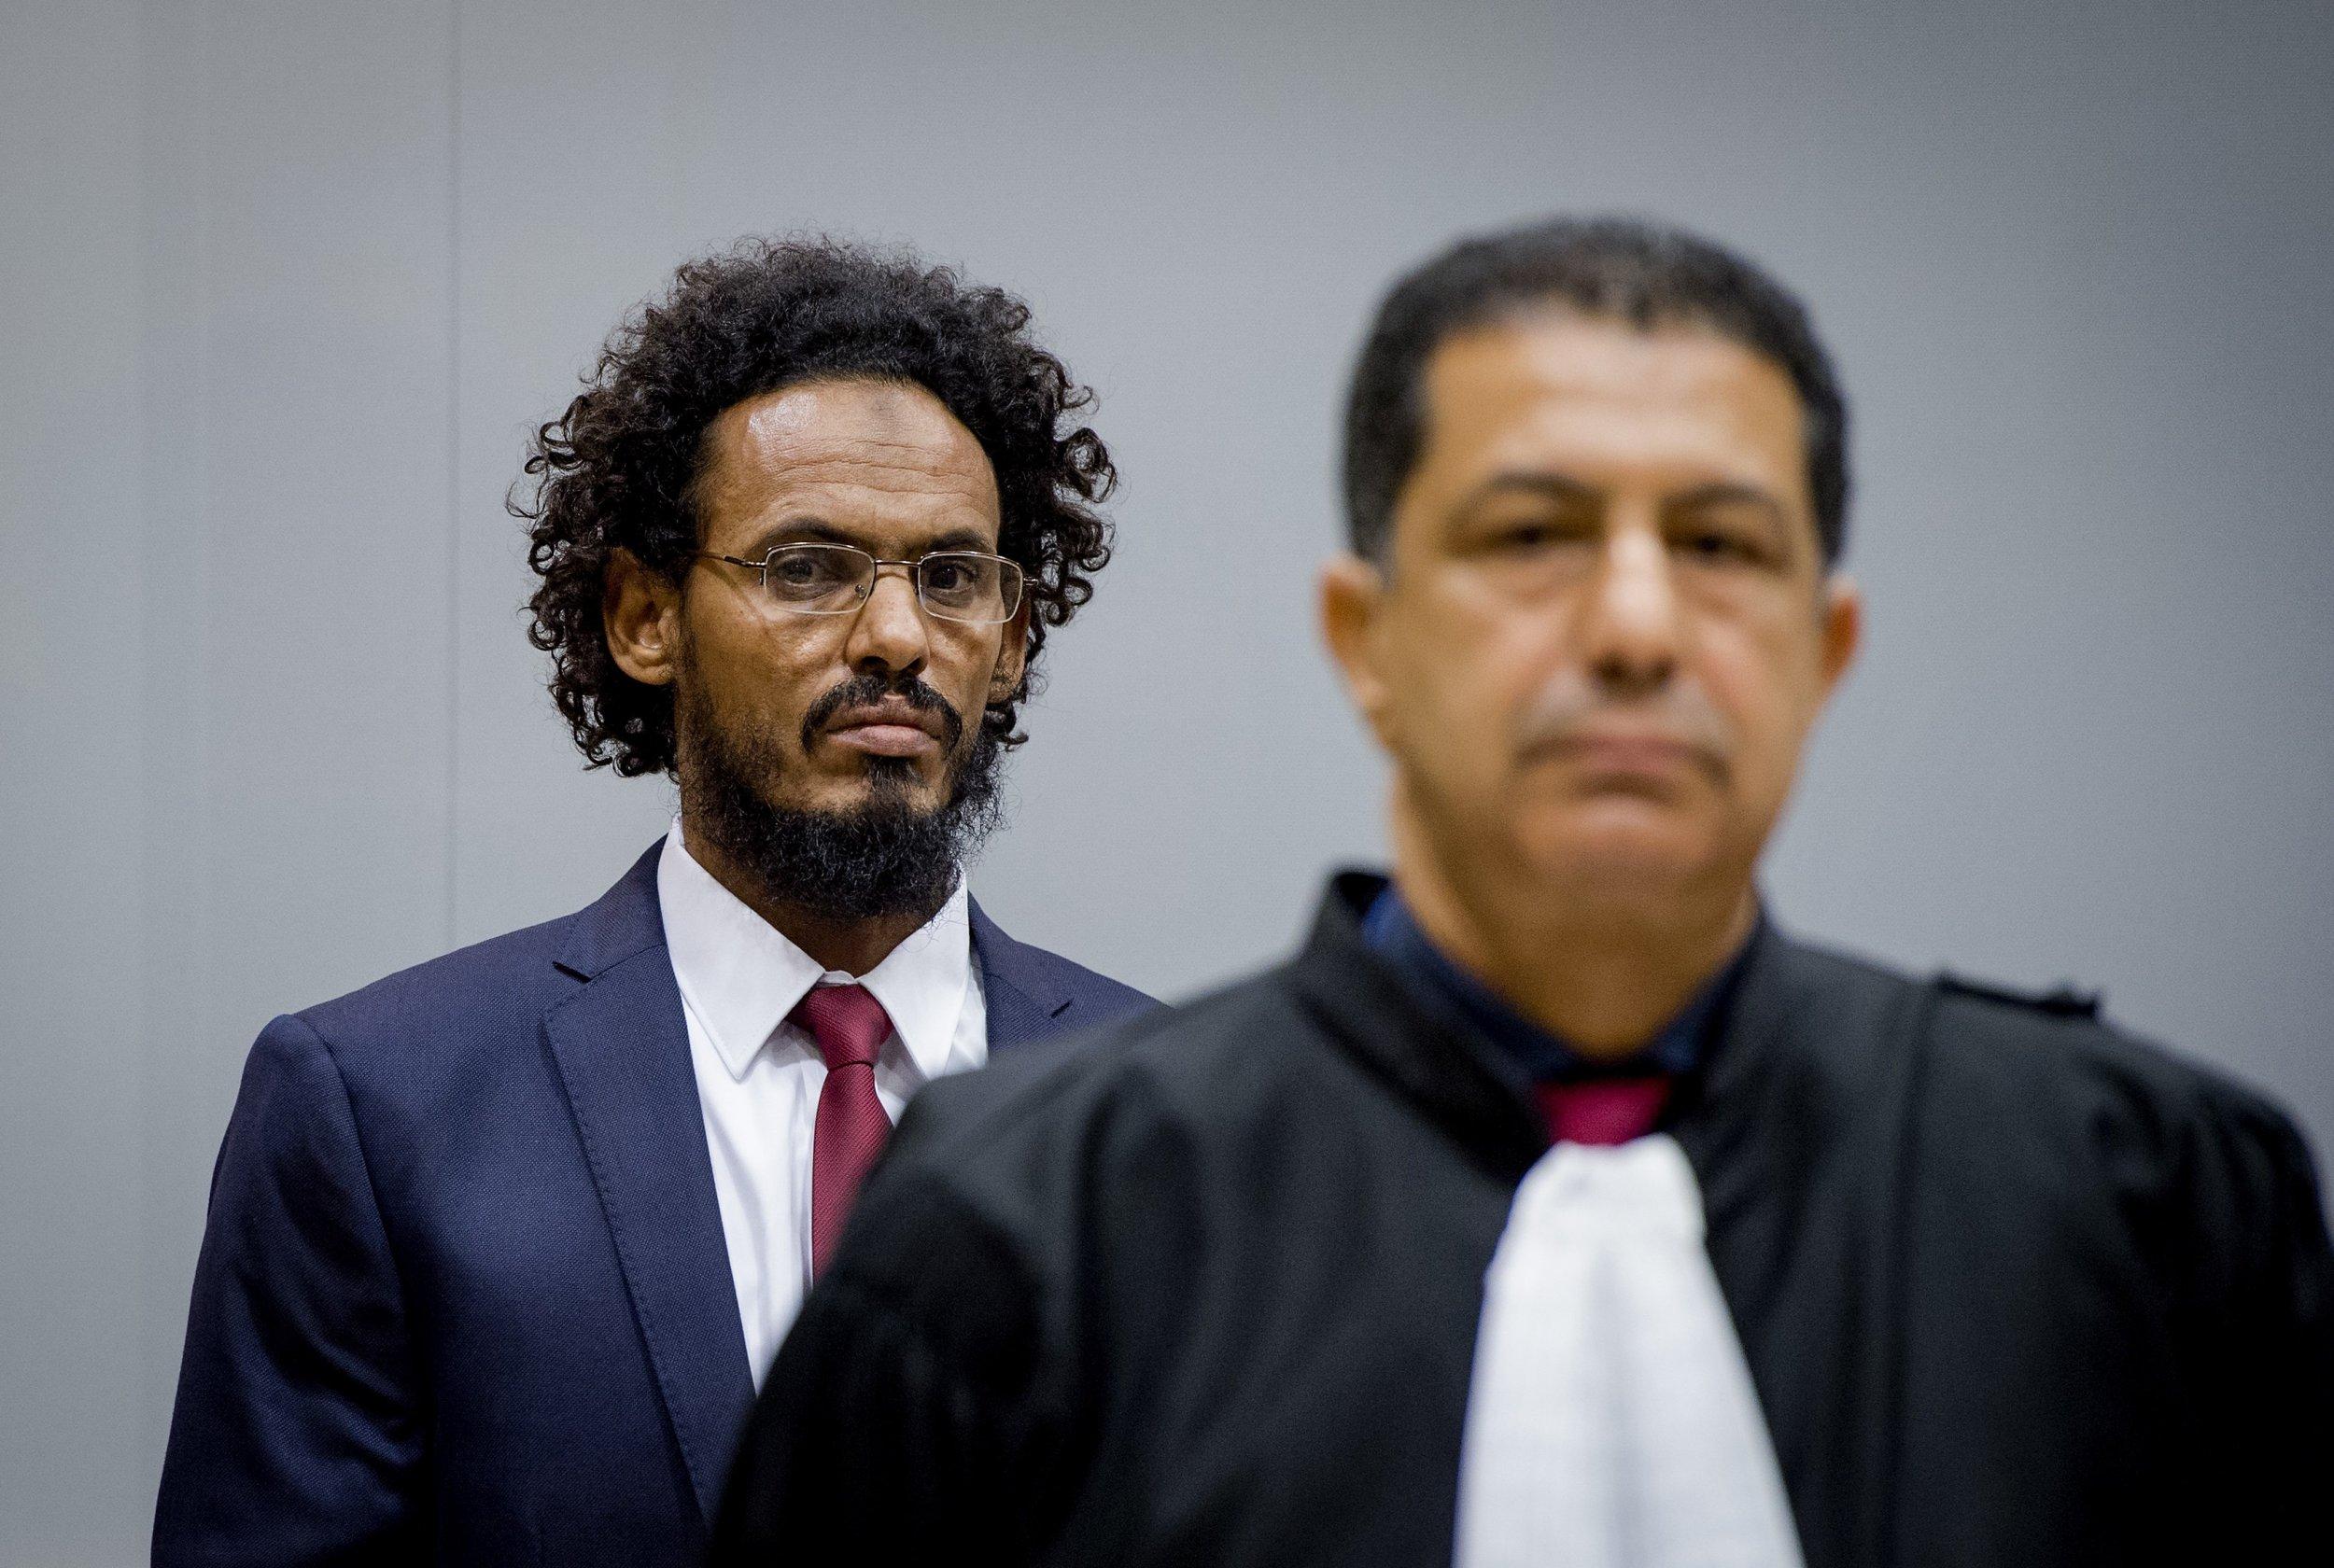 Ahmed Al-Faqi Al-Mahdi looks on at the ICC.